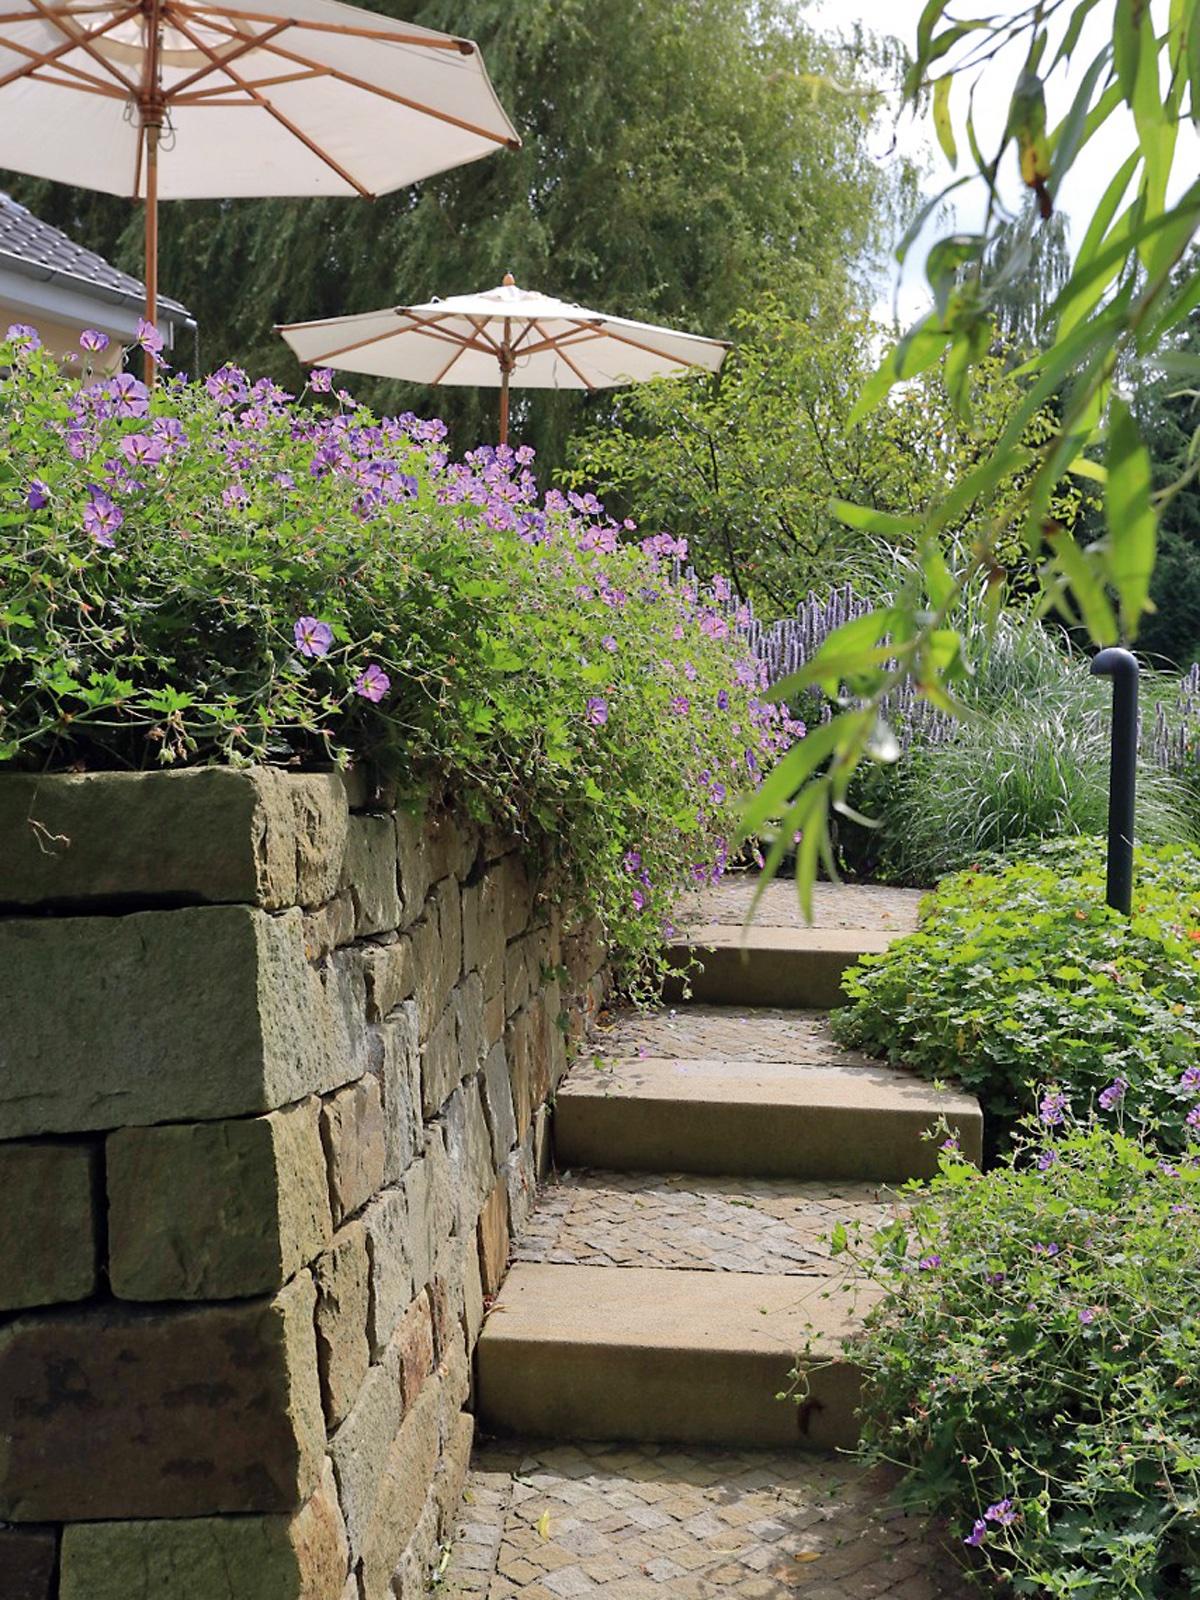 Likeable Hanggarten Gestalten The Best Of